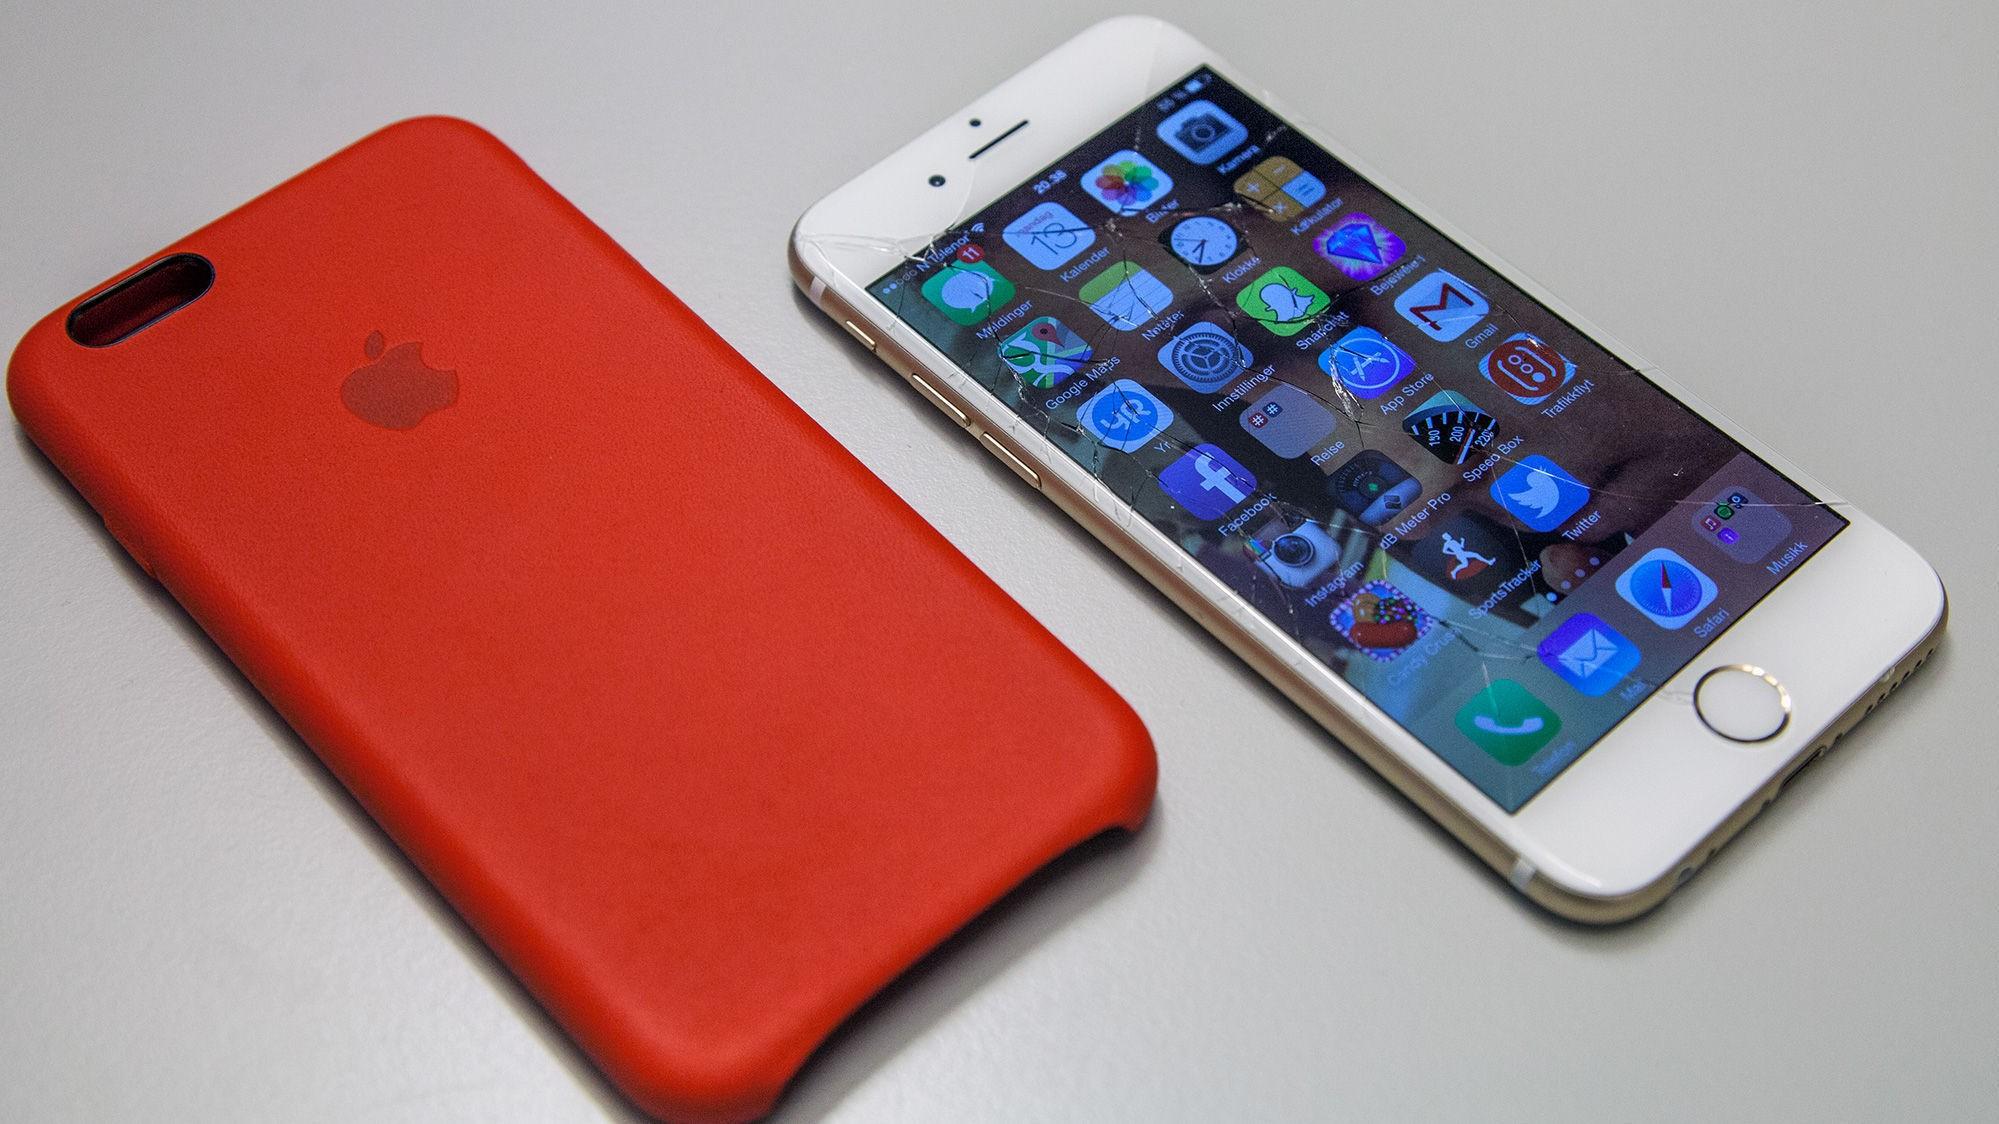 Bytte skjerm iphone 5 billig